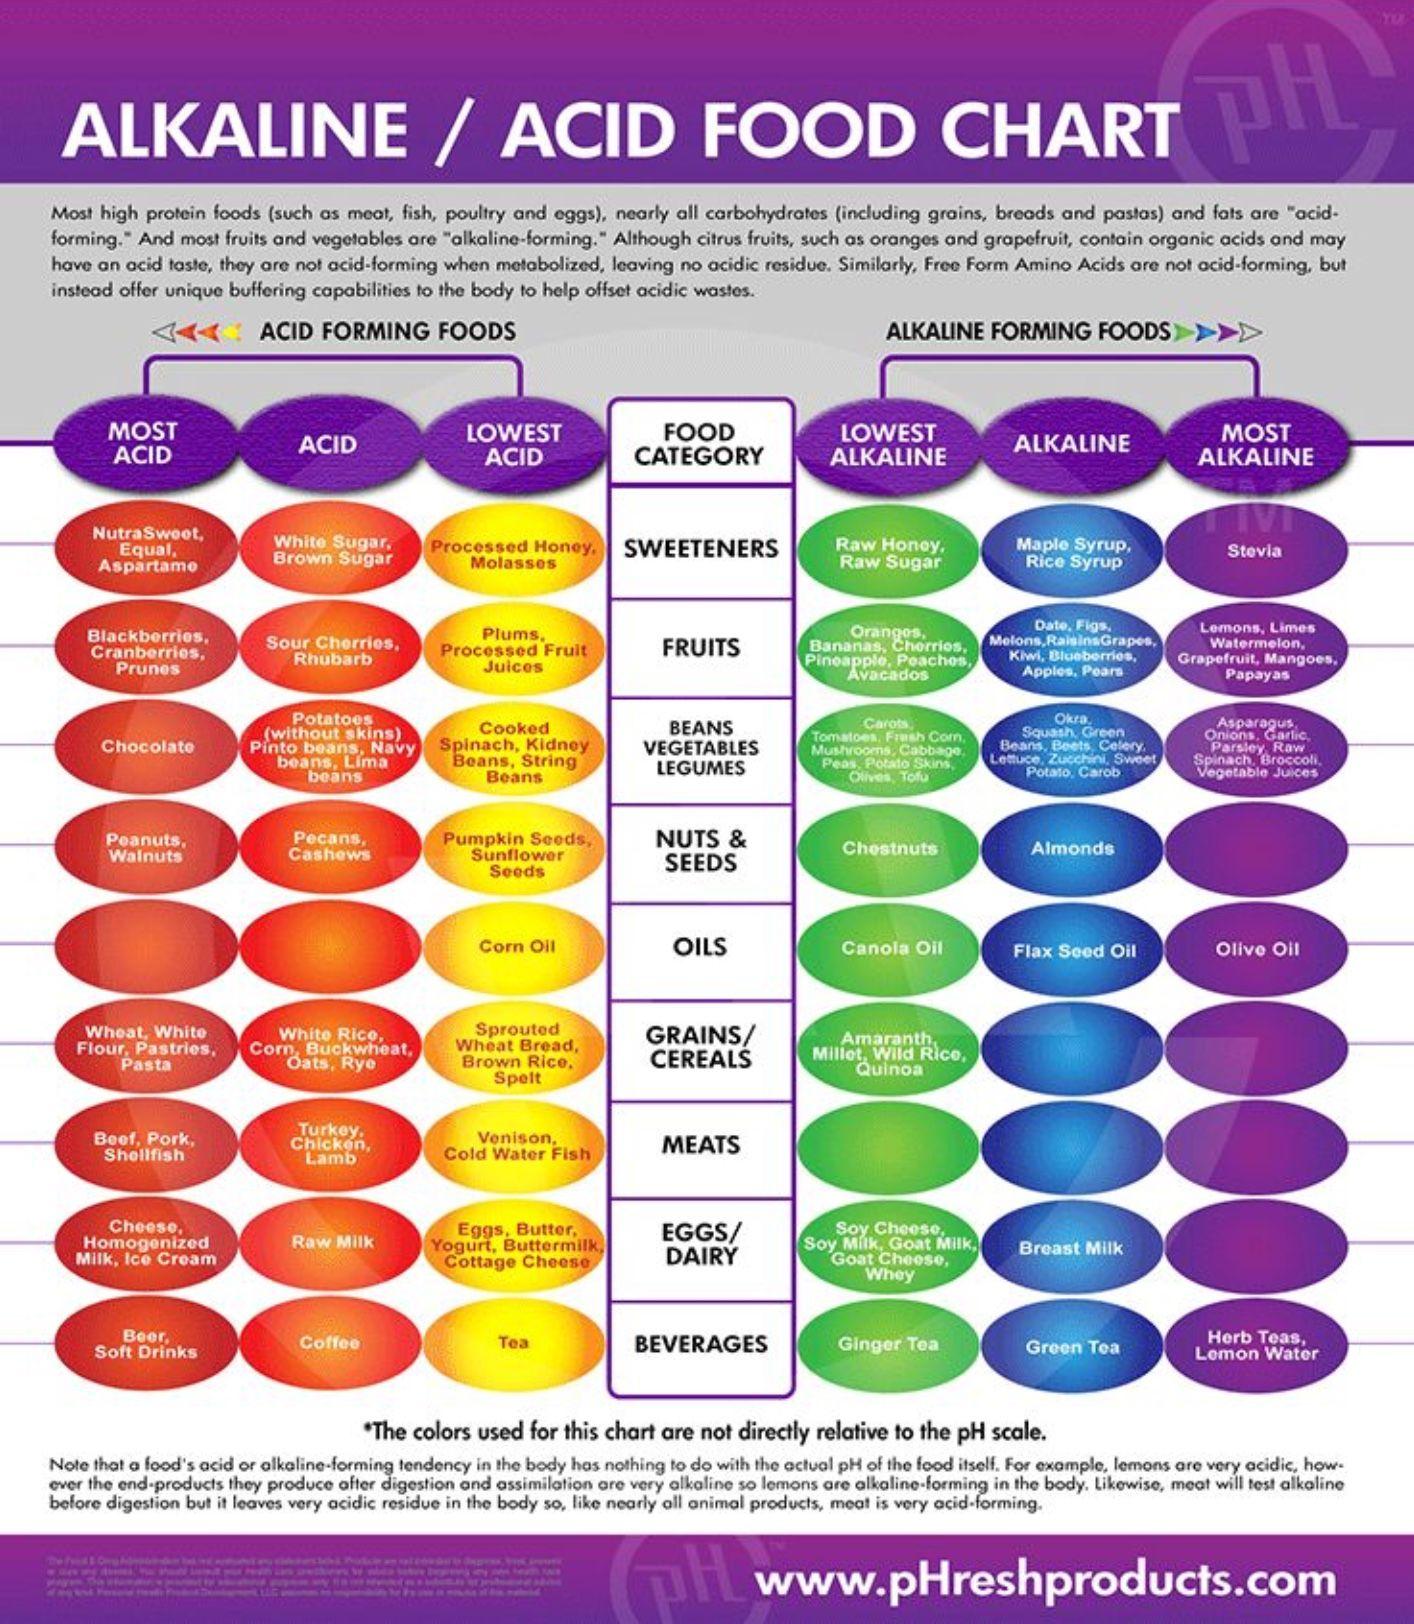 Alkaline acid food chart miscellaneous alkaline foods alkaline